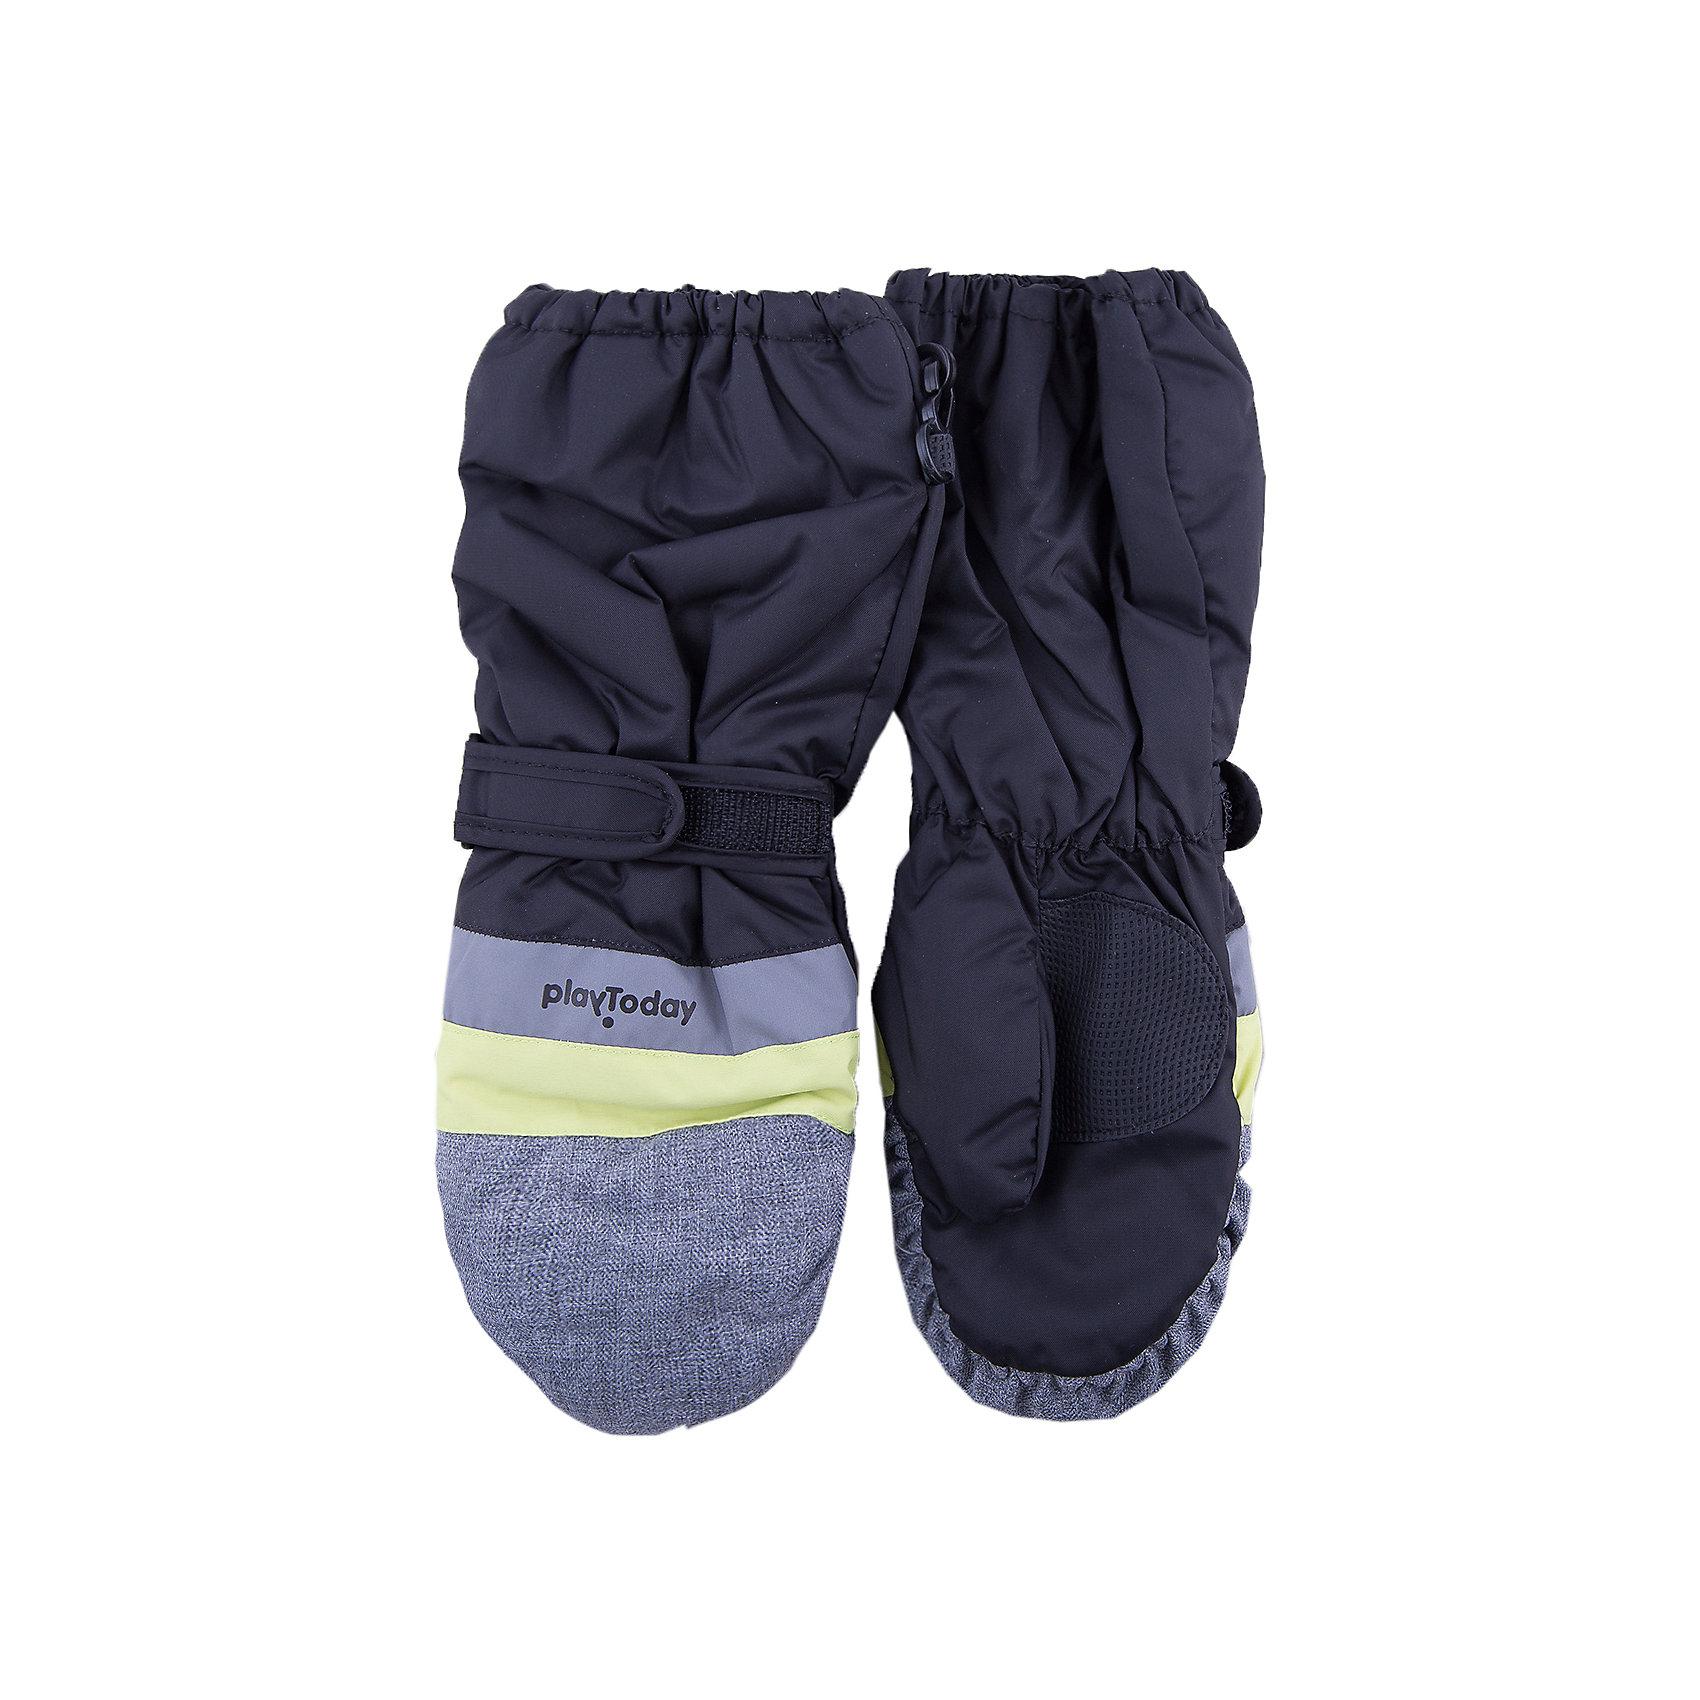 Варежки PlayToday для мальчикаПерчатки, варежки<br>Варежки PlayToday для мальчика<br>Теплые рукавицы из непромокаемого материала защитят руки ребенка при холодной погоде. Модель на подкладке из теплого флиса. Удлиненные запястья дополнены резинками для дополнительного сохранения тепла.<br>Состав:<br>Верх: 100% полиэстер, Подкладка: 100% полиэстер, Наполнитель: 100% полиэстер<br><br>Ширина мм: 162<br>Глубина мм: 171<br>Высота мм: 55<br>Вес г: 119<br>Цвет: белый<br>Возраст от месяцев: 84<br>Возраст до месяцев: 96<br>Пол: Мужской<br>Возраст: Детский<br>Размер: 4,2,3<br>SKU: 7106054